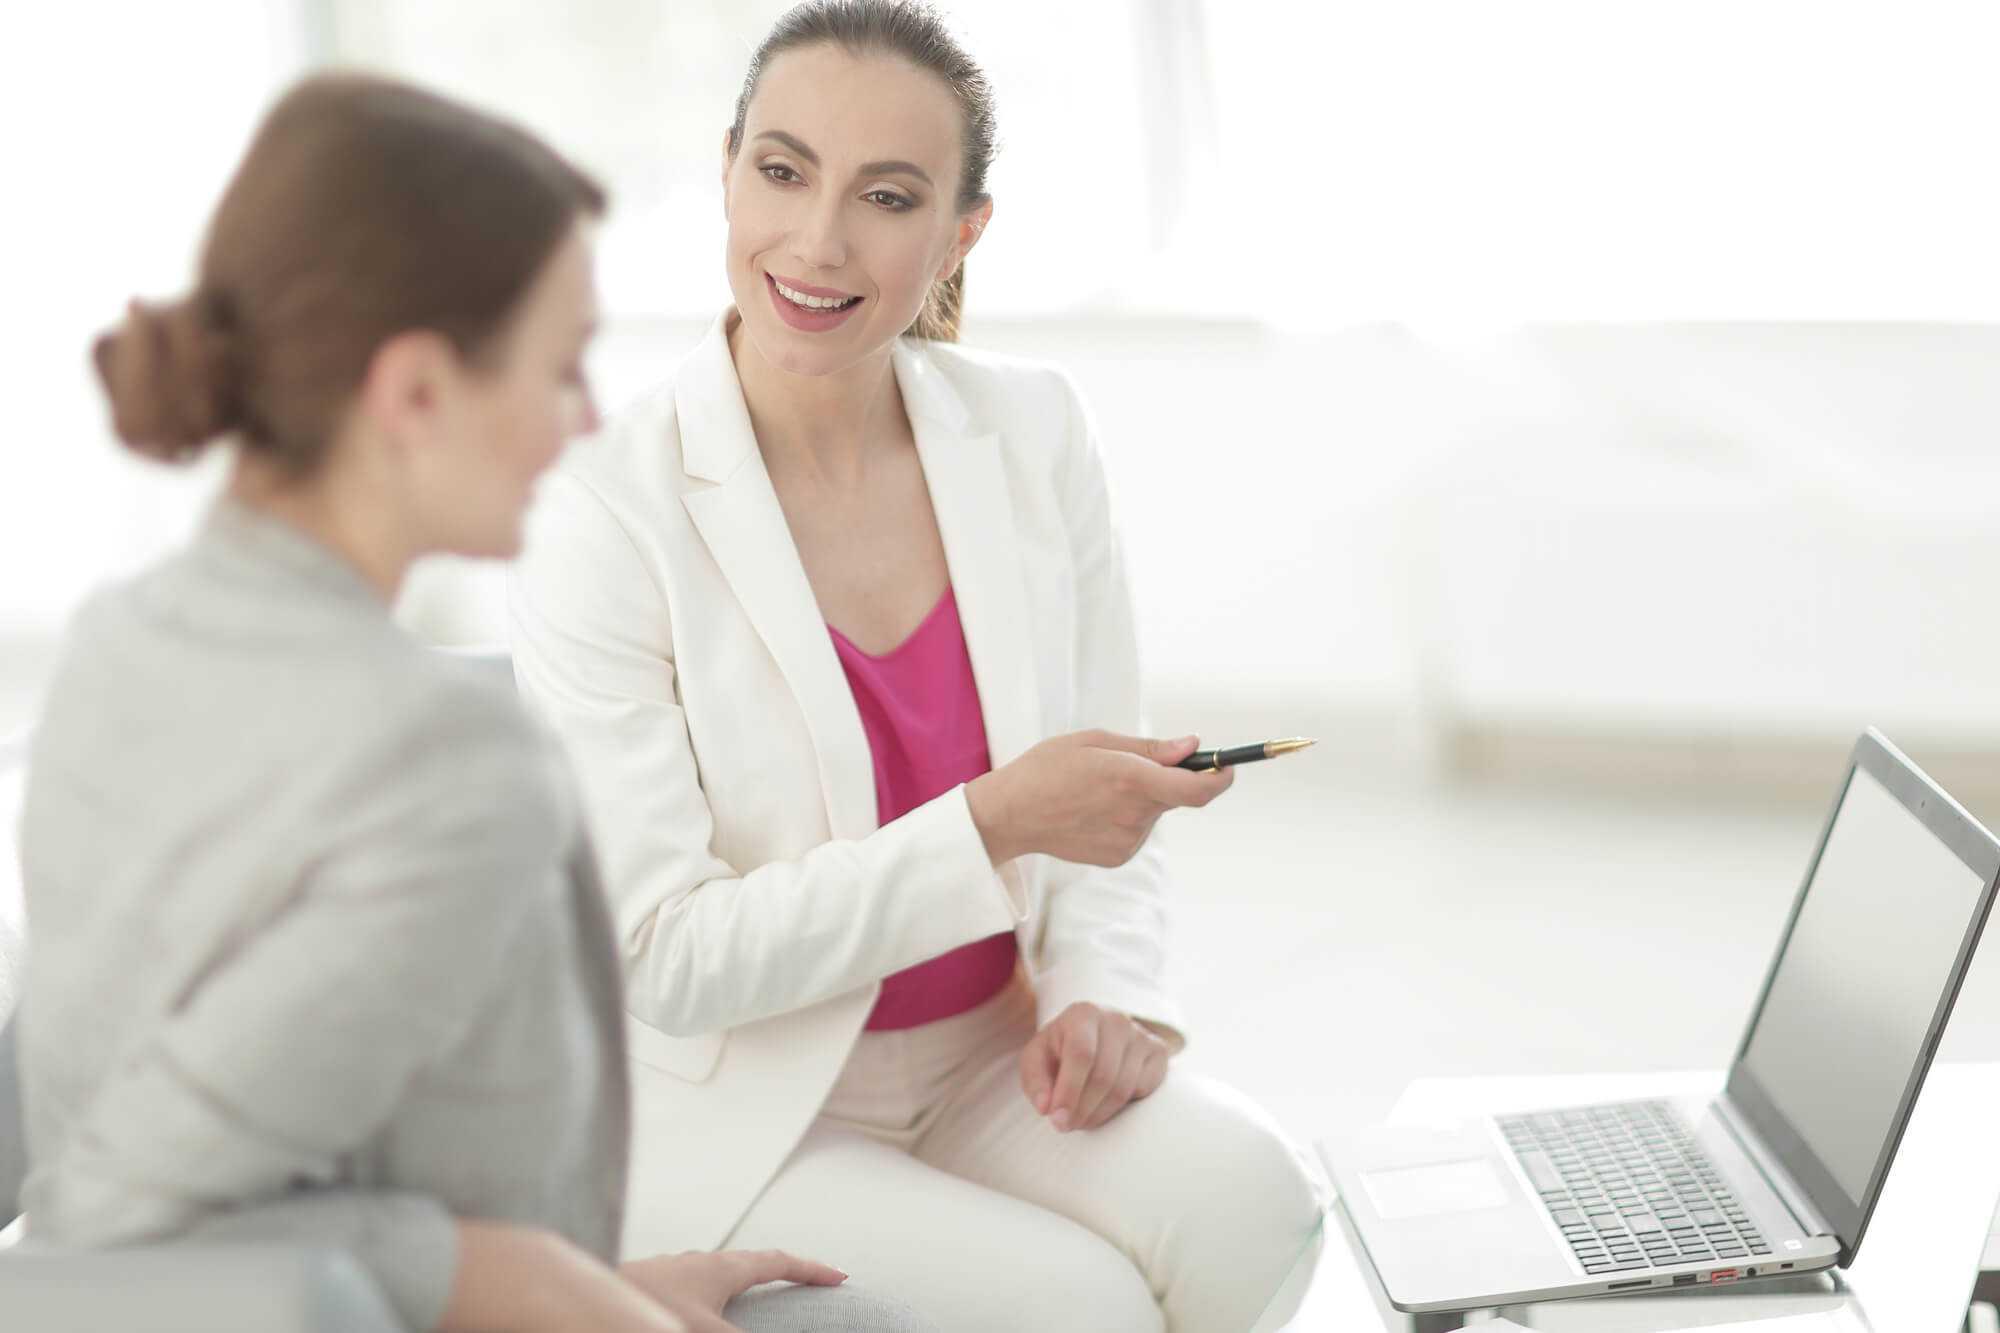 Aprenda como lidar com reclamações de clientes com estas 6 dicas